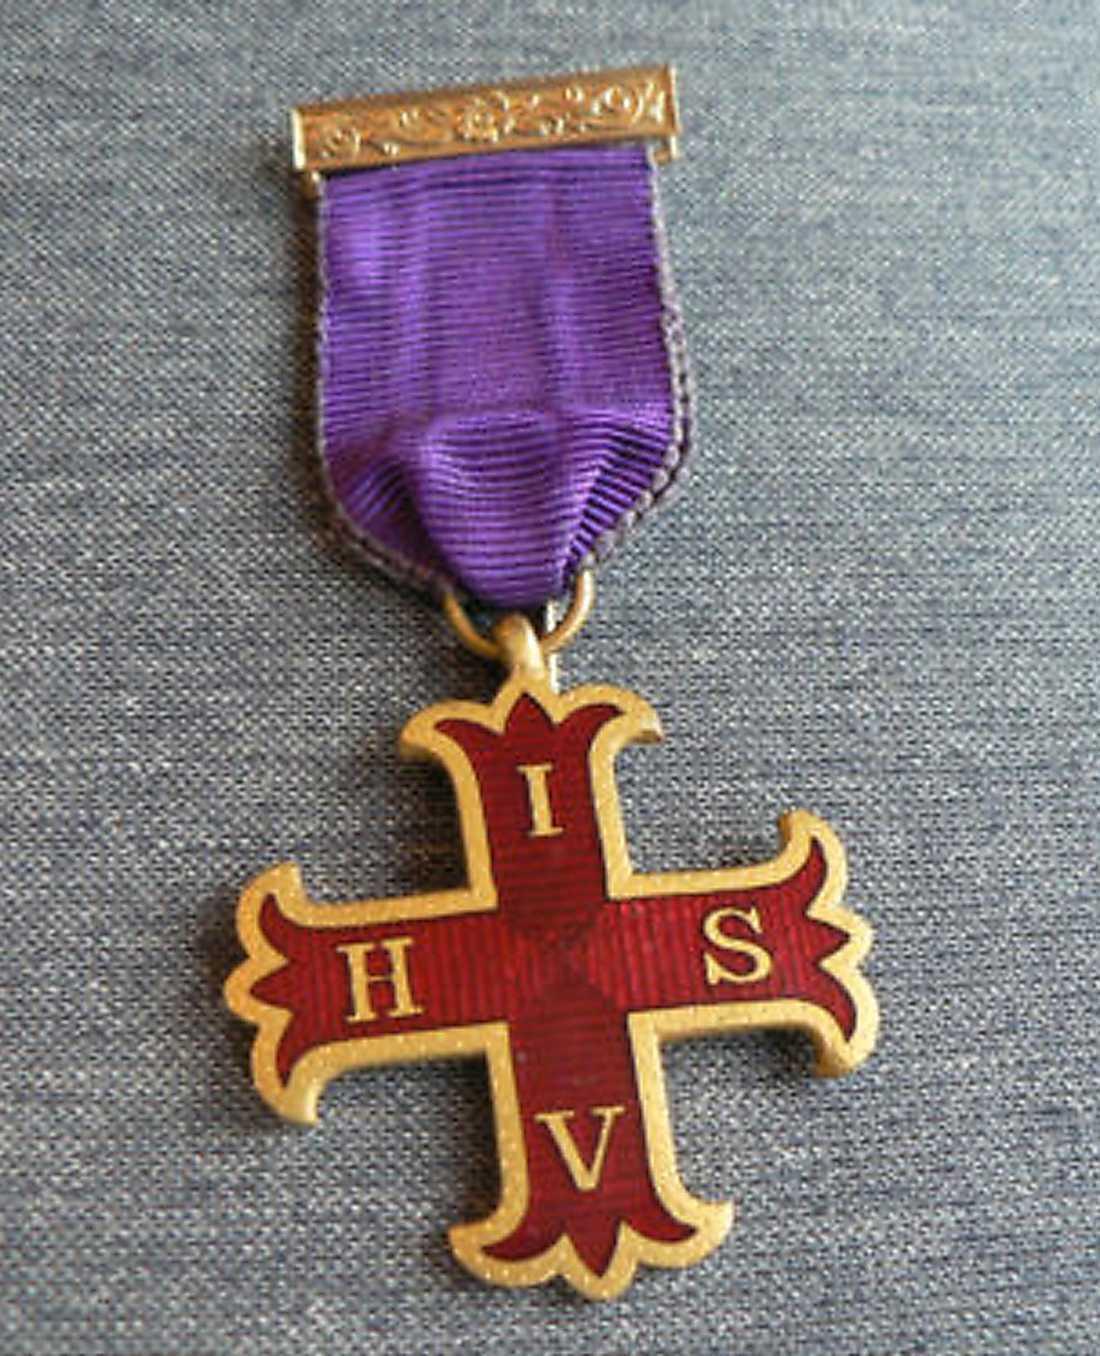 Kallas av Breivik för Red Cross of Constatine Breast Jewel. Han hävdar att det ges till dem som har tagit emot minst 15 utmärkelser i kampen mot islam. Heter egentligen Knight Companion of the Red Cross of Constantine.